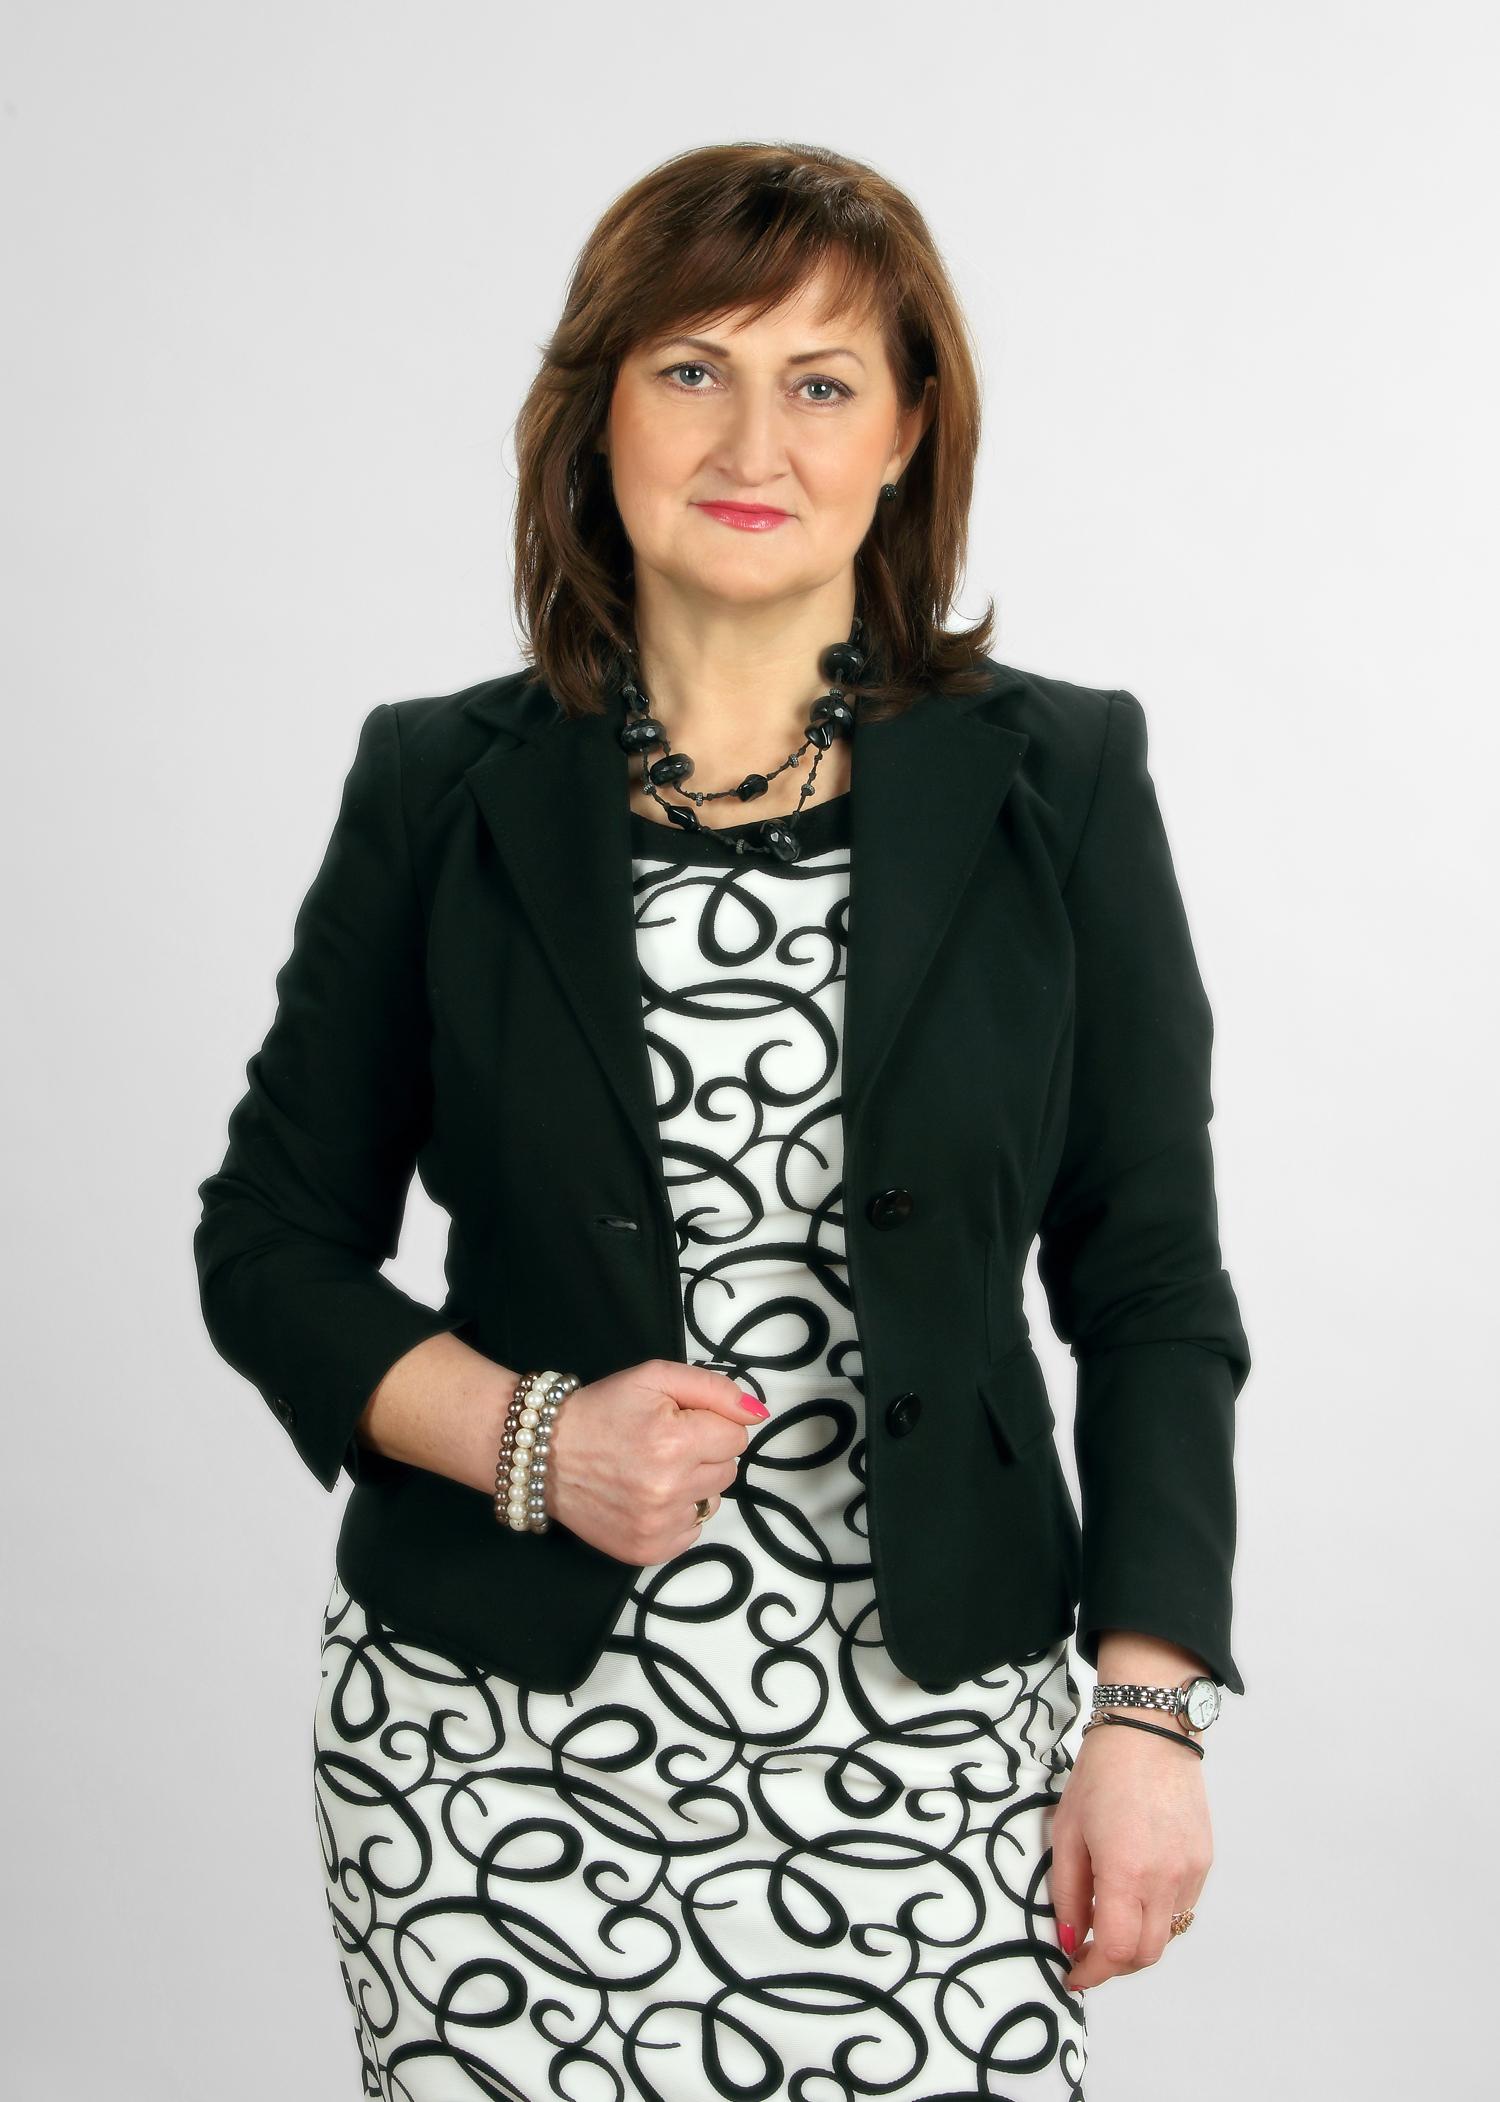 Alicja Choińska - Dyrektor Sprzedaży - Oddział Mazurski Auxilia